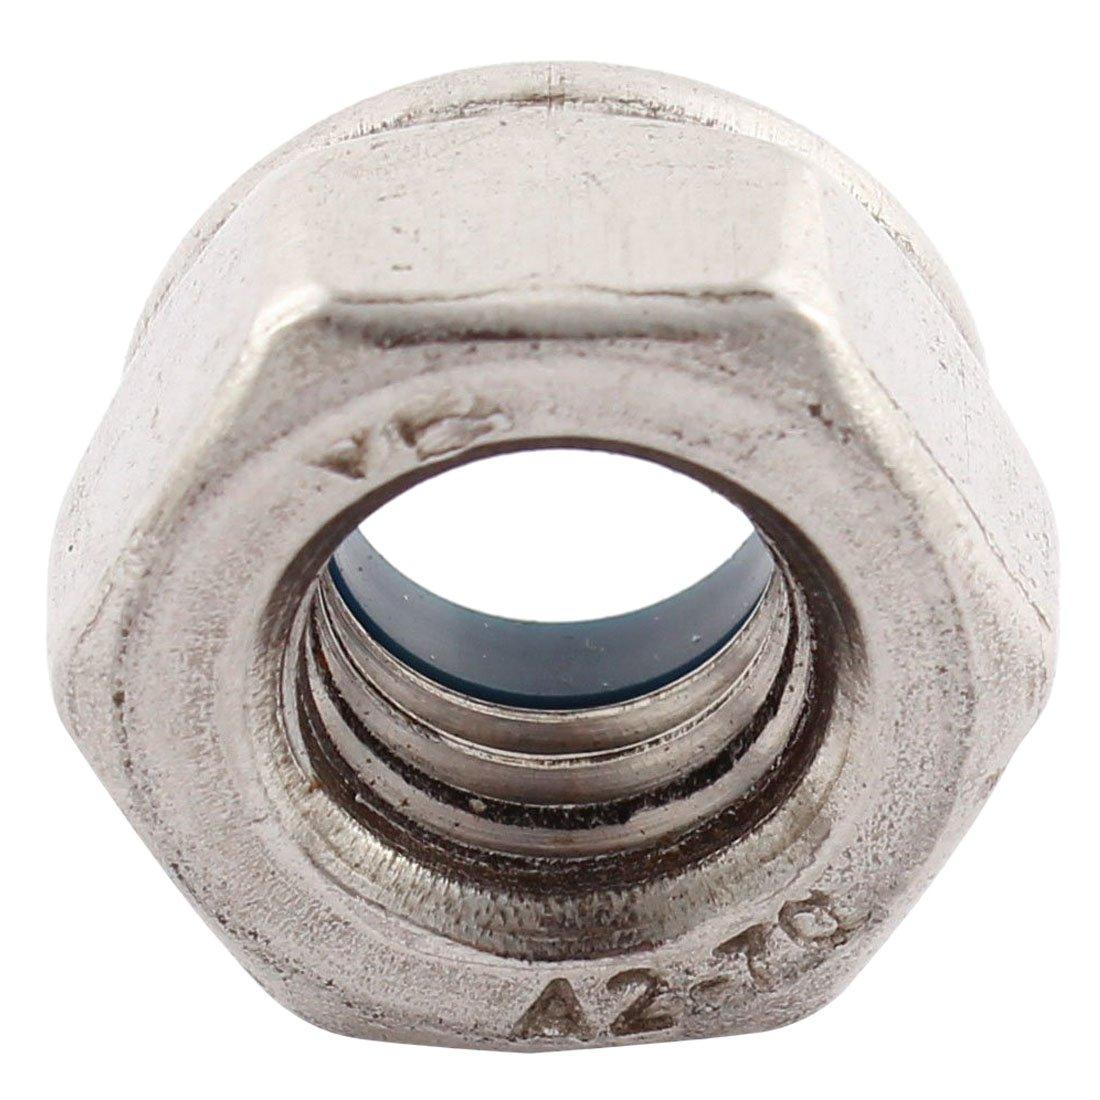 REFURBISHHOUSE Dadi a esagono bloccati d/'acciaio 304 con nylon inserto di 5 pezzi M10x1.5mm